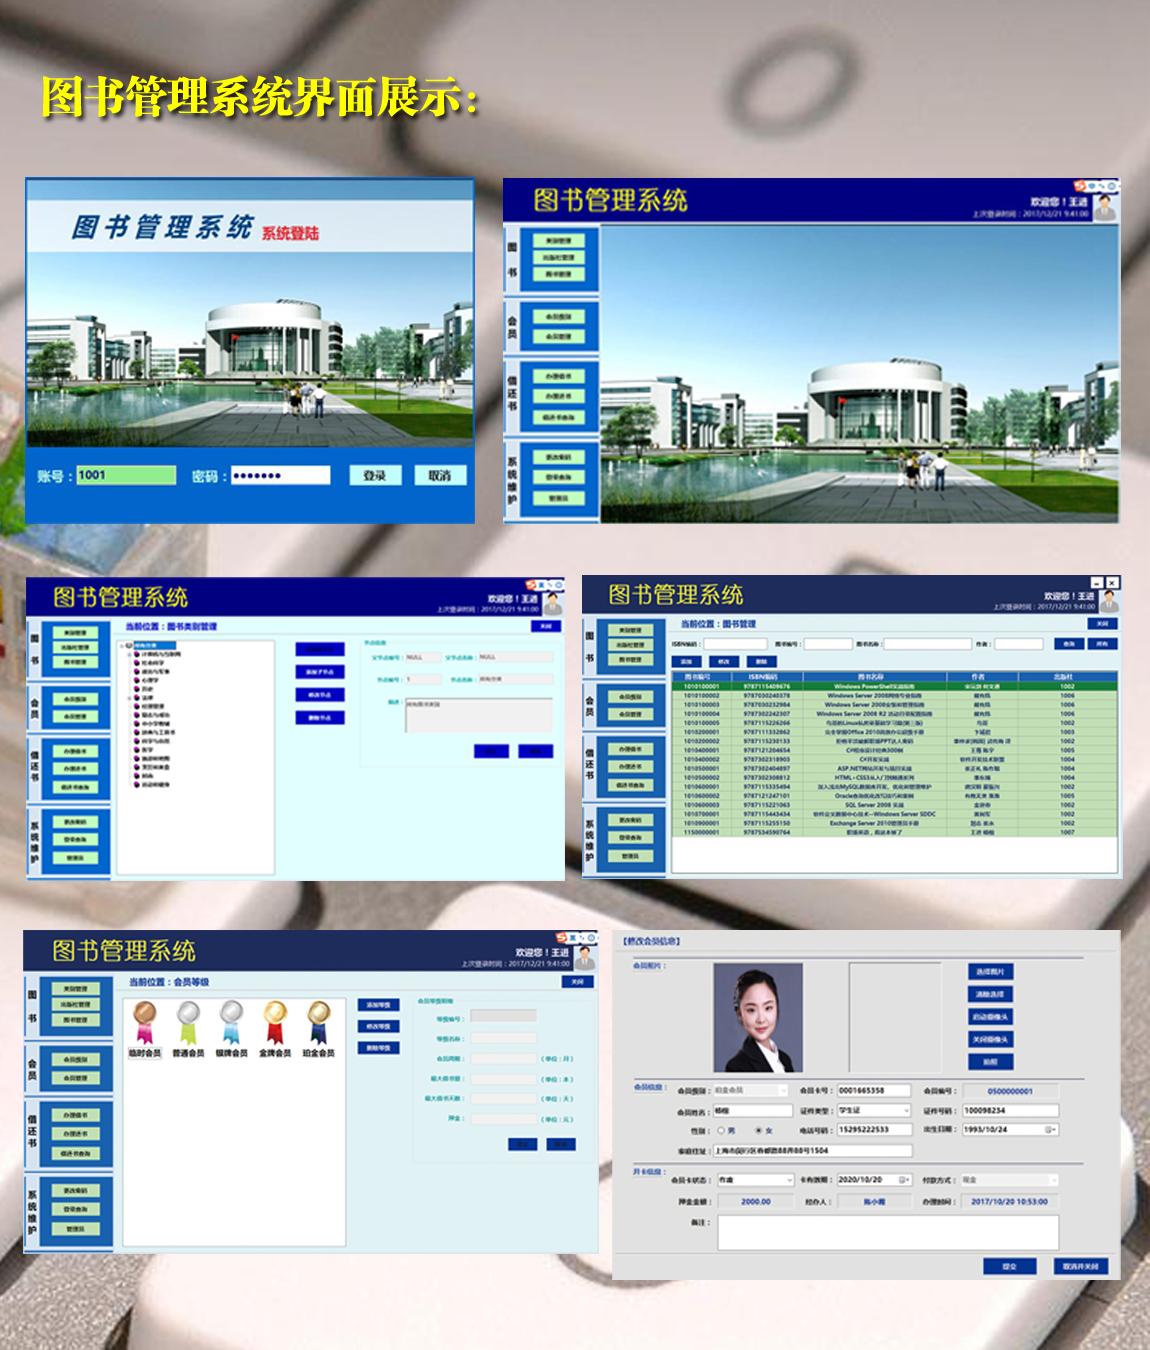 图书管理系统.png